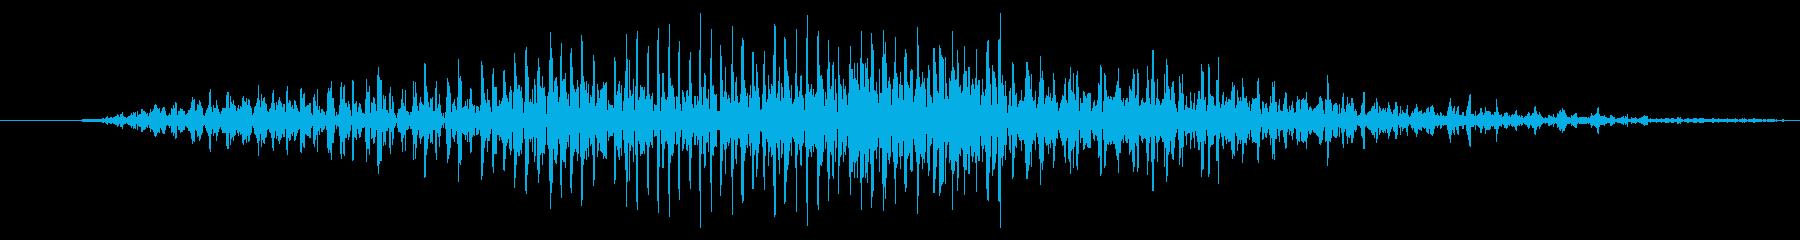 ドラゴン モンスター ゲーム 攻撃 中の再生済みの波形